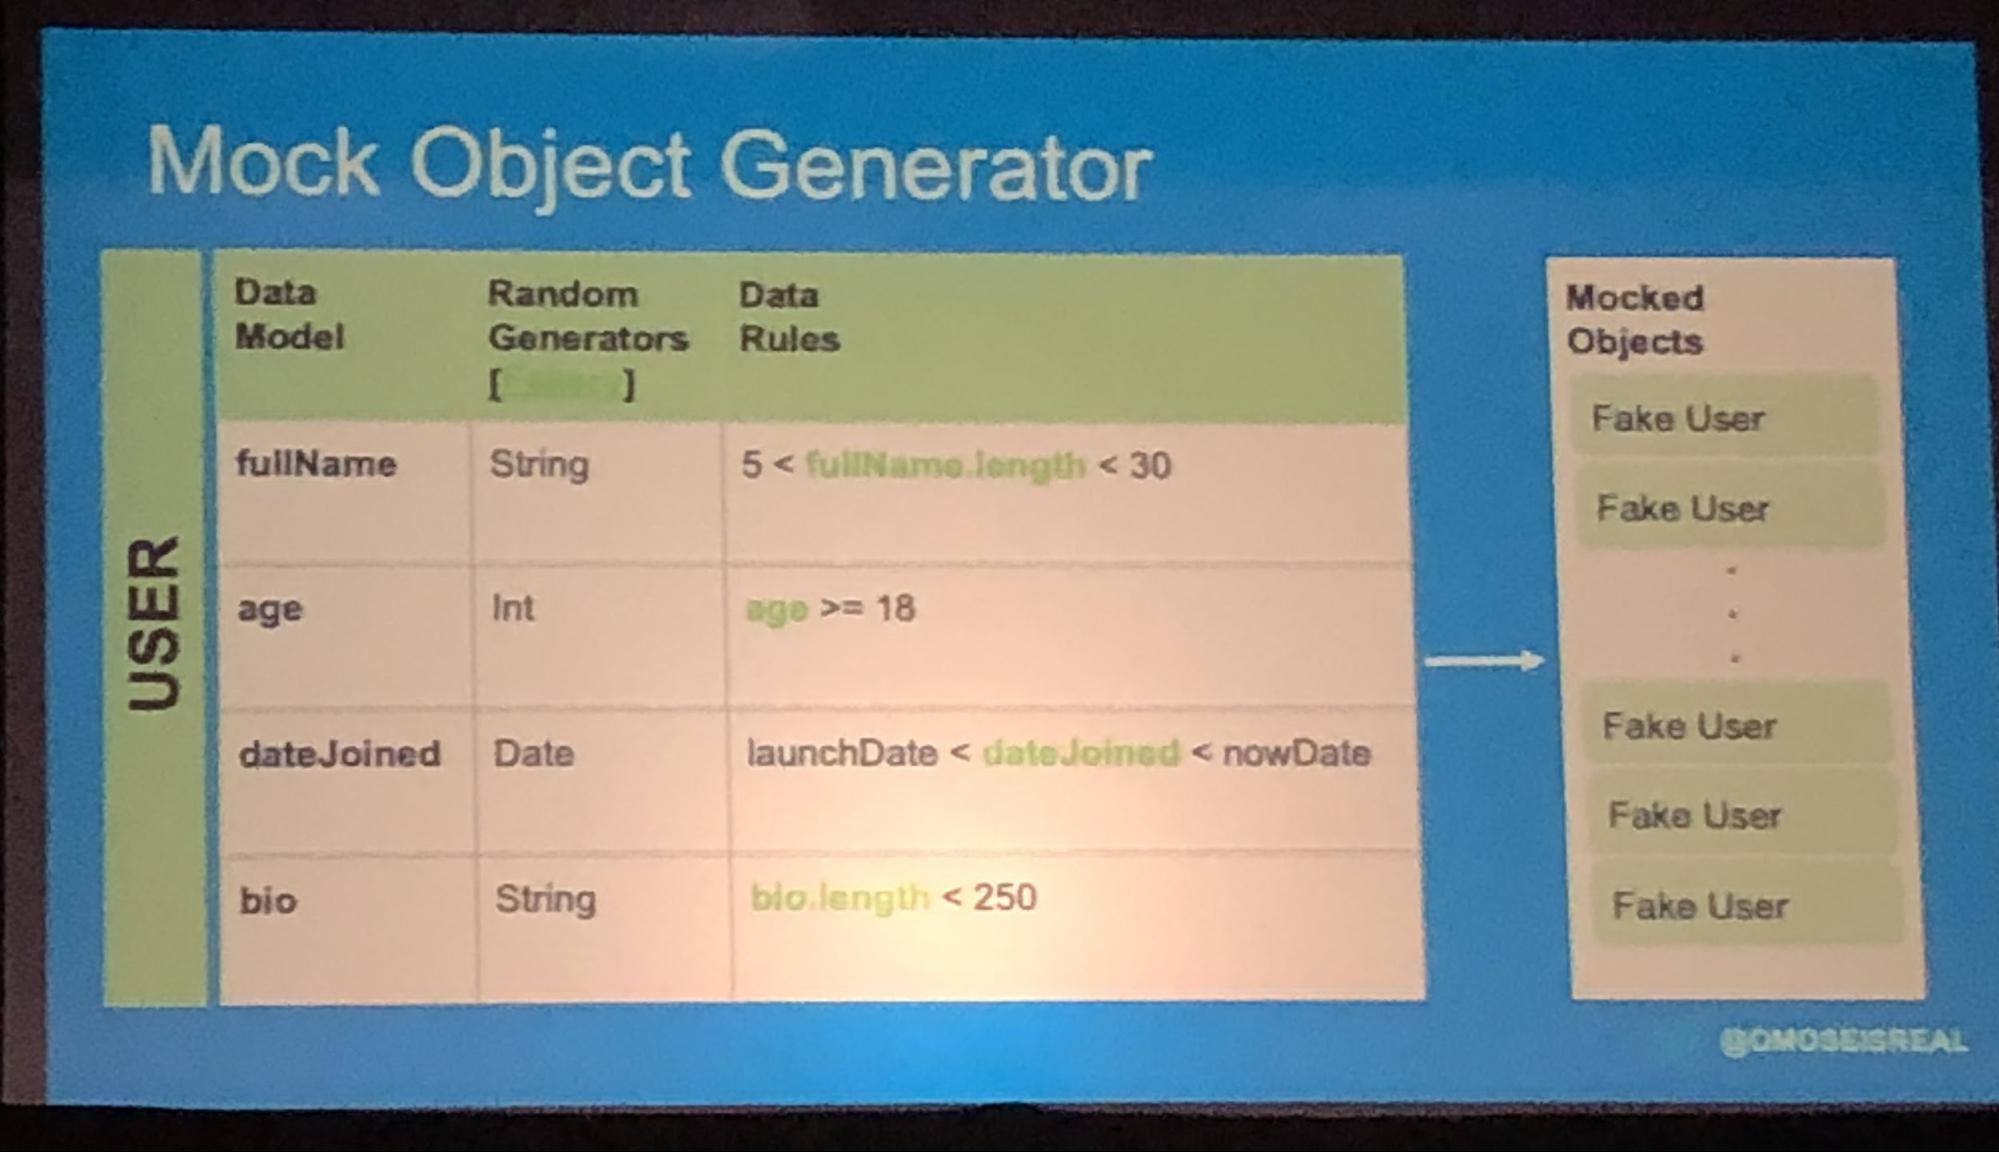 mock-object-generator